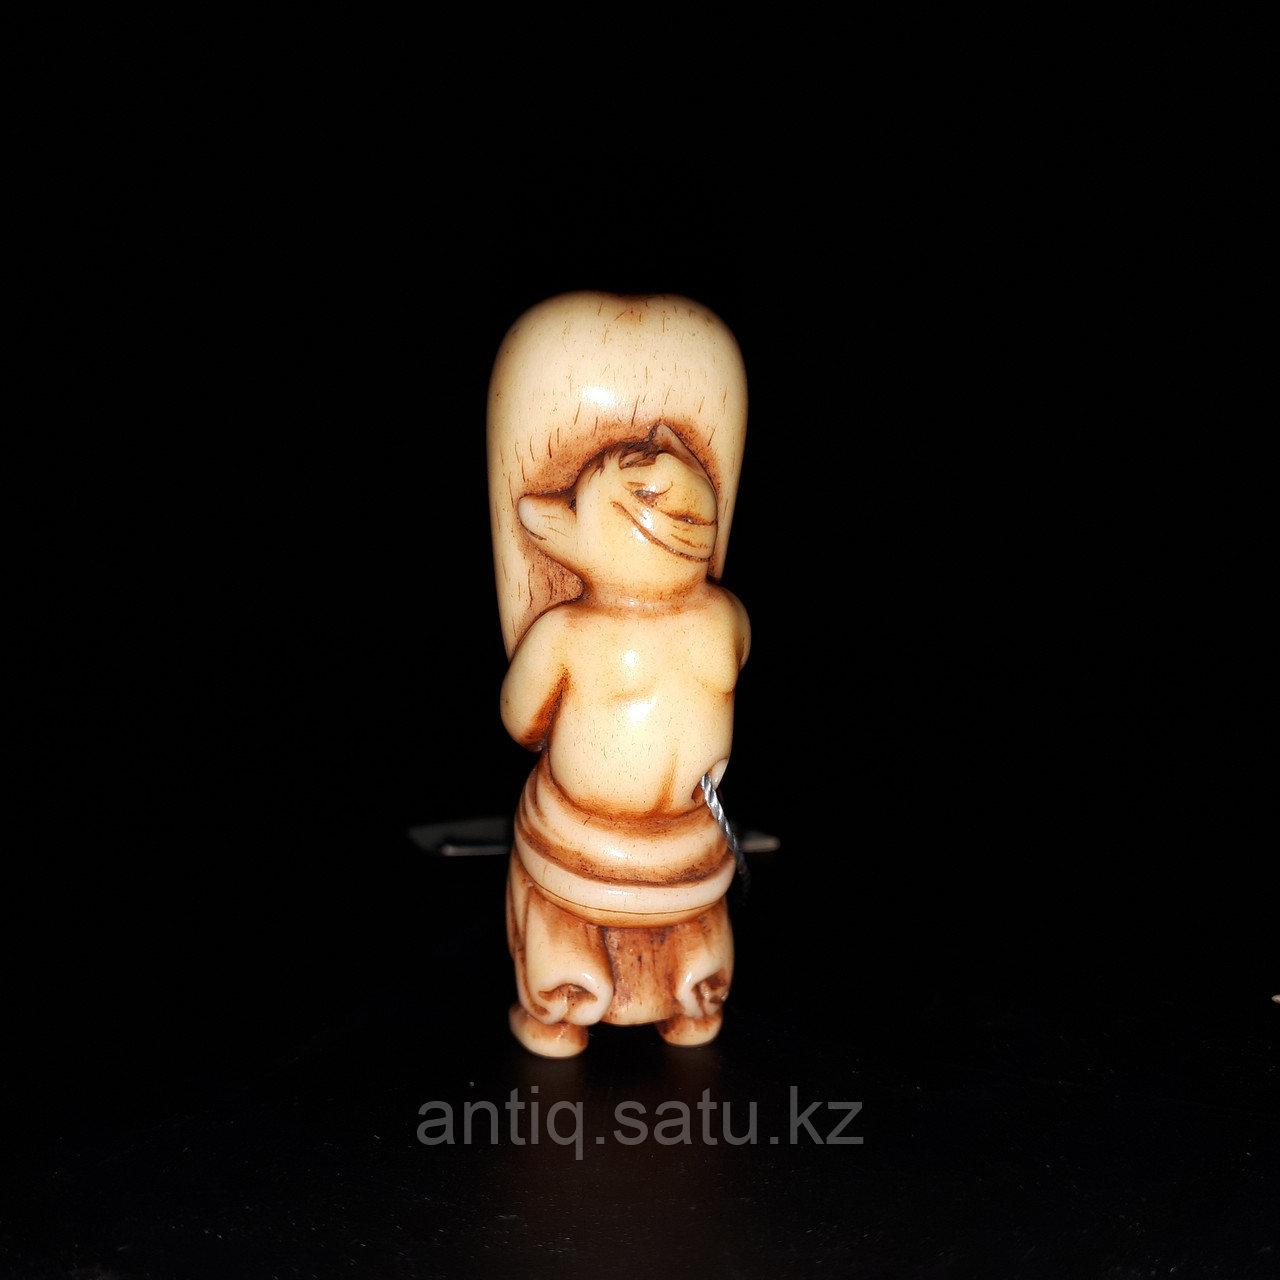 Нэцкэ « Кицунэ» по старинной легенде приносит удачу в торговых делах, богатство и достаток. - фото 3